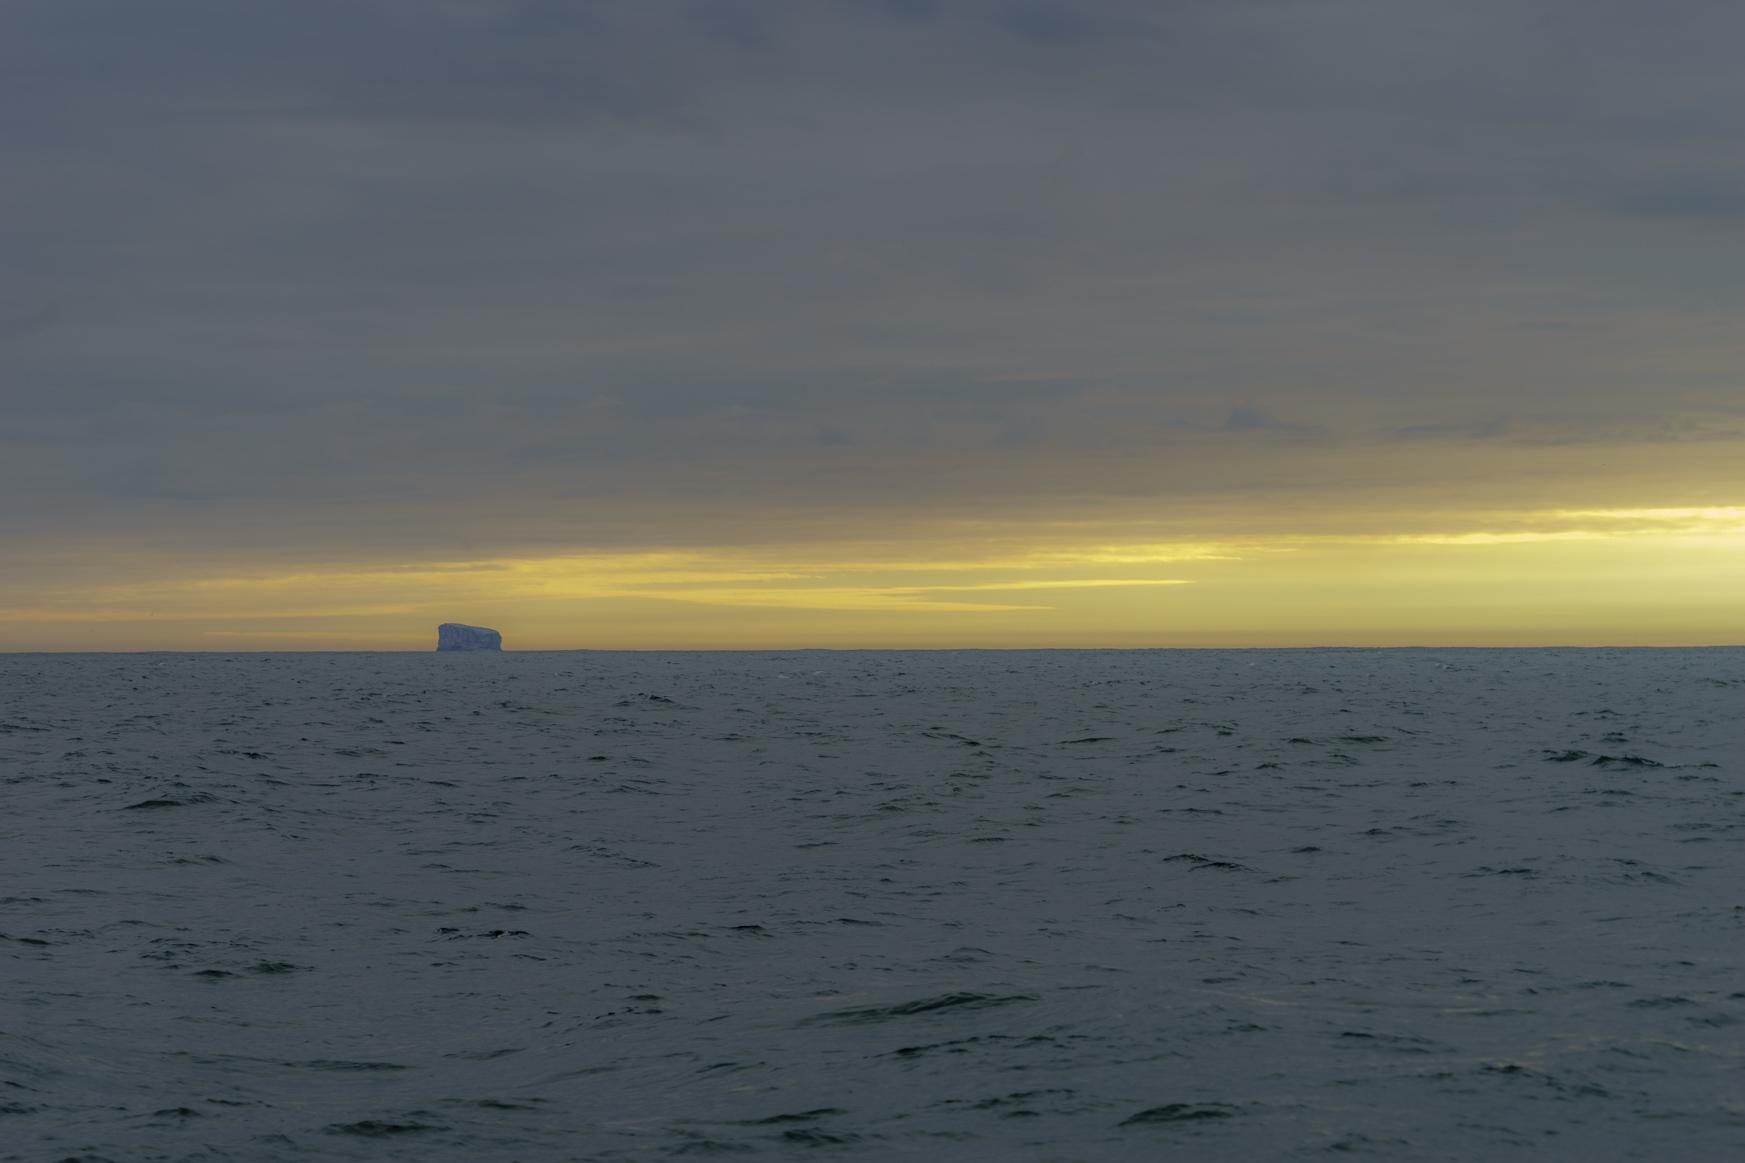 Insel Edey - ein einzelner Felsen am Kap Reykjanes